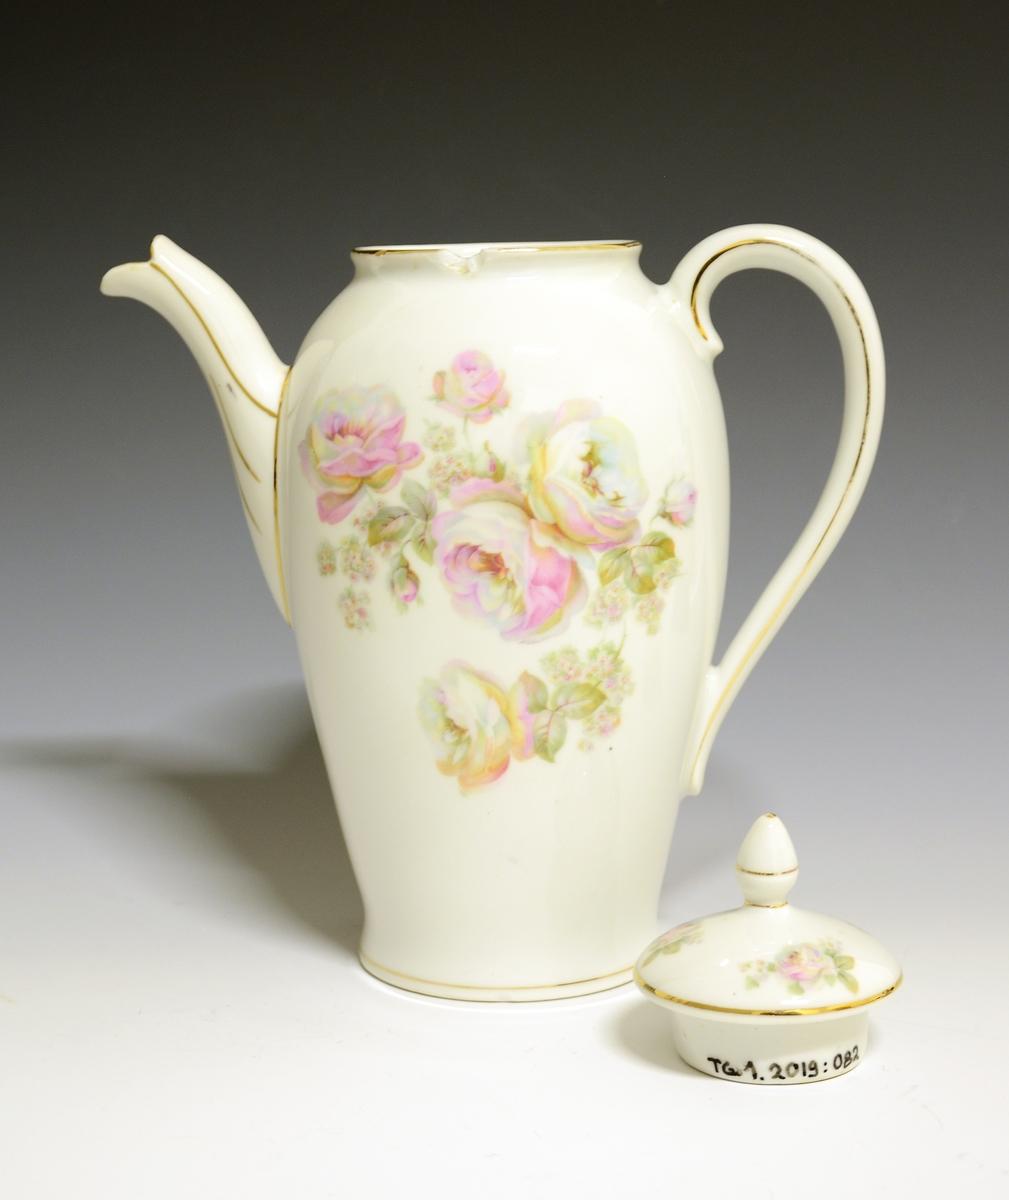 Kaffekanne med lokk av porselen. Tuten høyt festet, ørehank, smalner mot bunnen. Dekorert bunttrykkdekor med roser i rosa og gule fargetoner. Gullstrek langs kantrender, hank og tut. Dekornr: 0849 Modellnr: Tilhører kaffeservice 1760